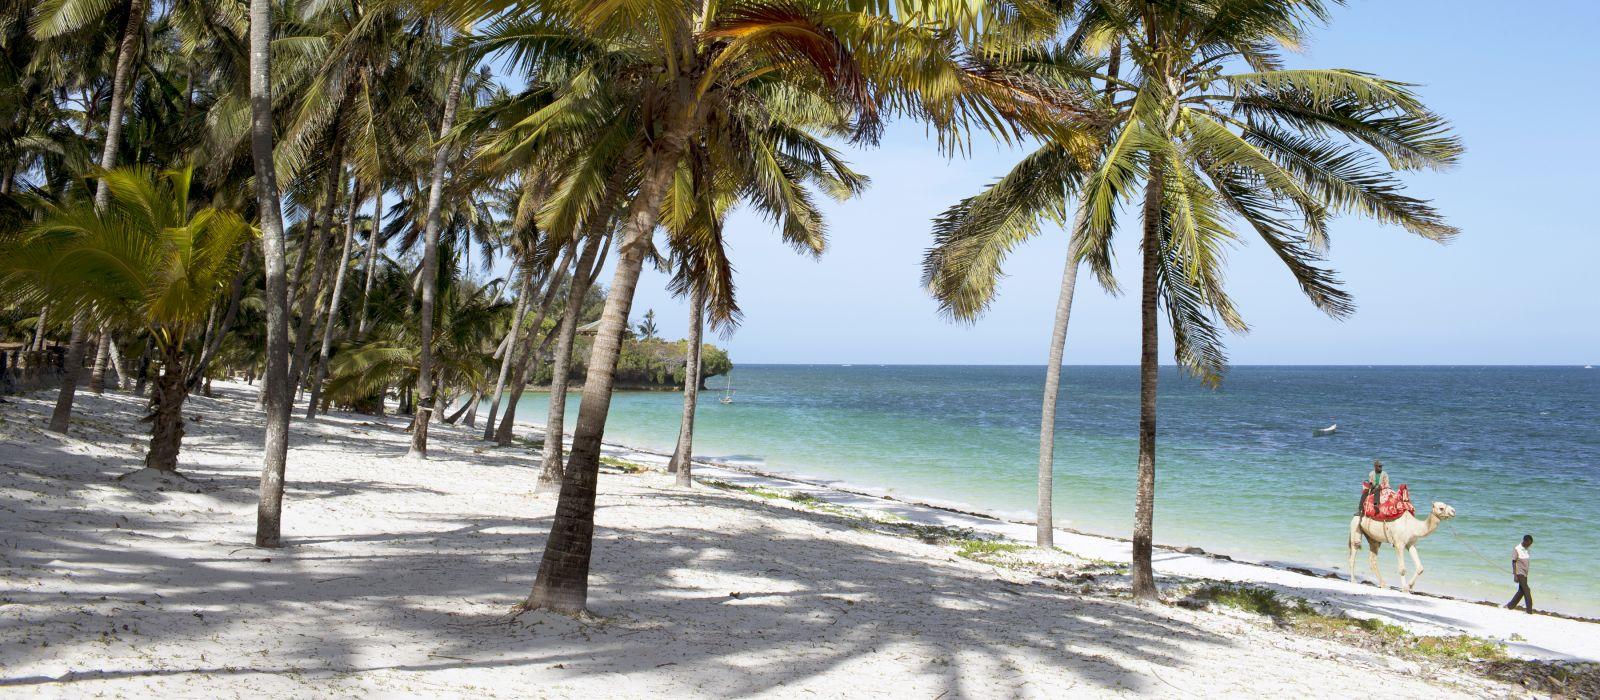 Schöner Strand mit Palmen in Kenia, Afrika